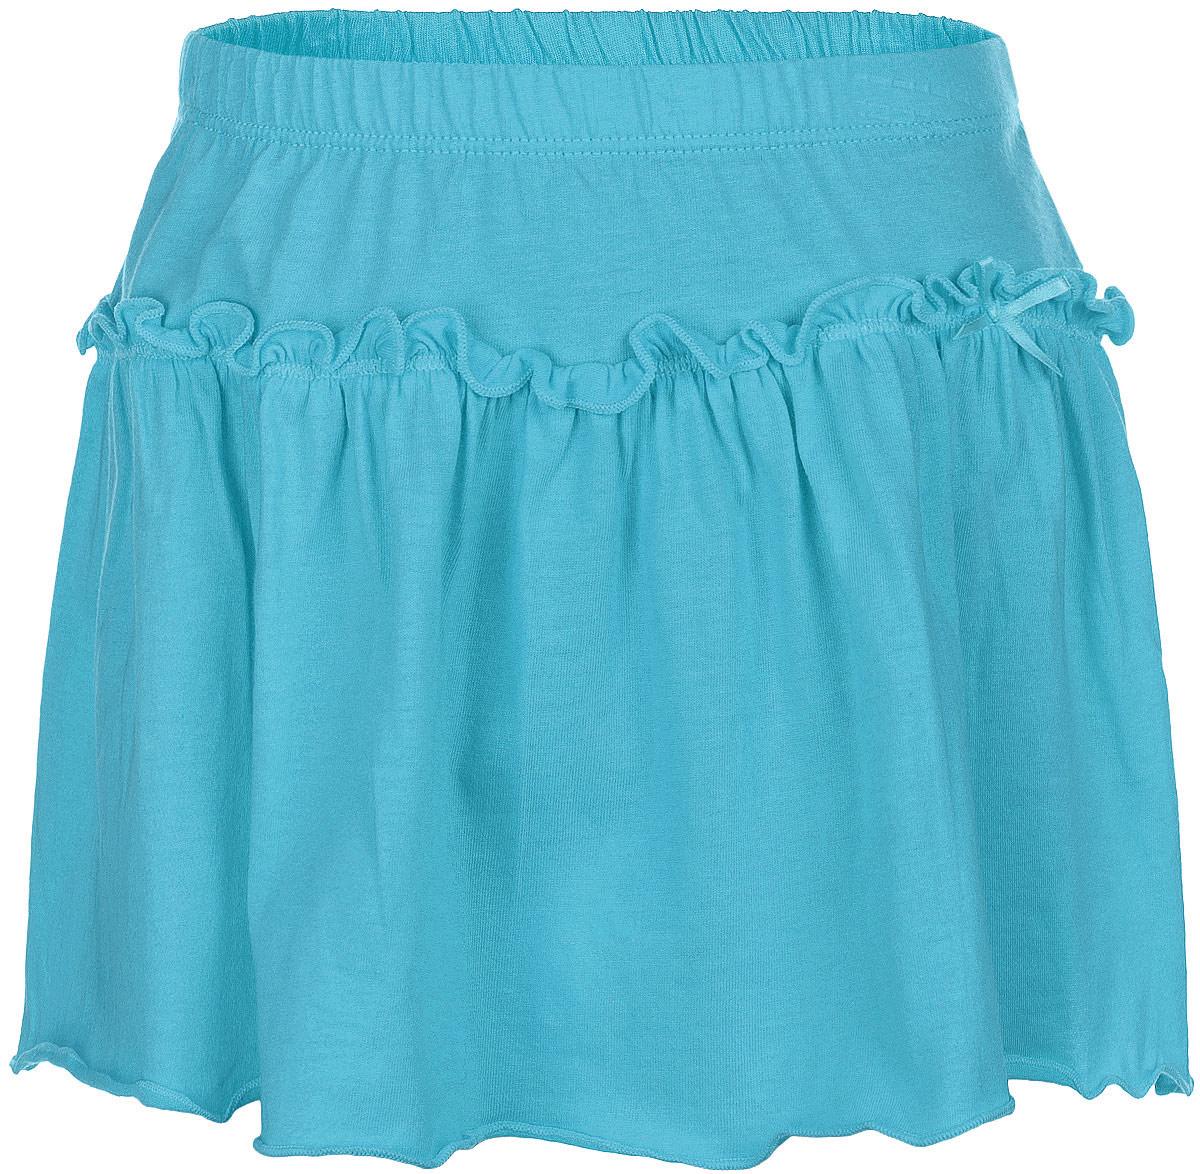 Юбка для девочки. SKk-518/034-6273SKk-518/034-6273Яркая юбка для девочки Sela идеально подойдет вашей моднице и станет отличным дополнением к летнему гардеробу. Изготовленная из натурального хлопка, она мягкая и приятная на ощупь, не сковывает движения и позволяет коже дышать, не раздражает нежную кожу ребенка, обеспечивая наибольший комфорт. Модель на поясе имеет широкую трикотажную резинку, благодаря чему юбка не сползает и не сдавливает животик ребенка. Юбка дополнена оборкой, придающей изделию пышность. Оформлена небольшим атласным бантиком. В такой модной юбке ваша принцесса будет чувствовать себя комфортно, уютно и всегда будет в центре внимания!